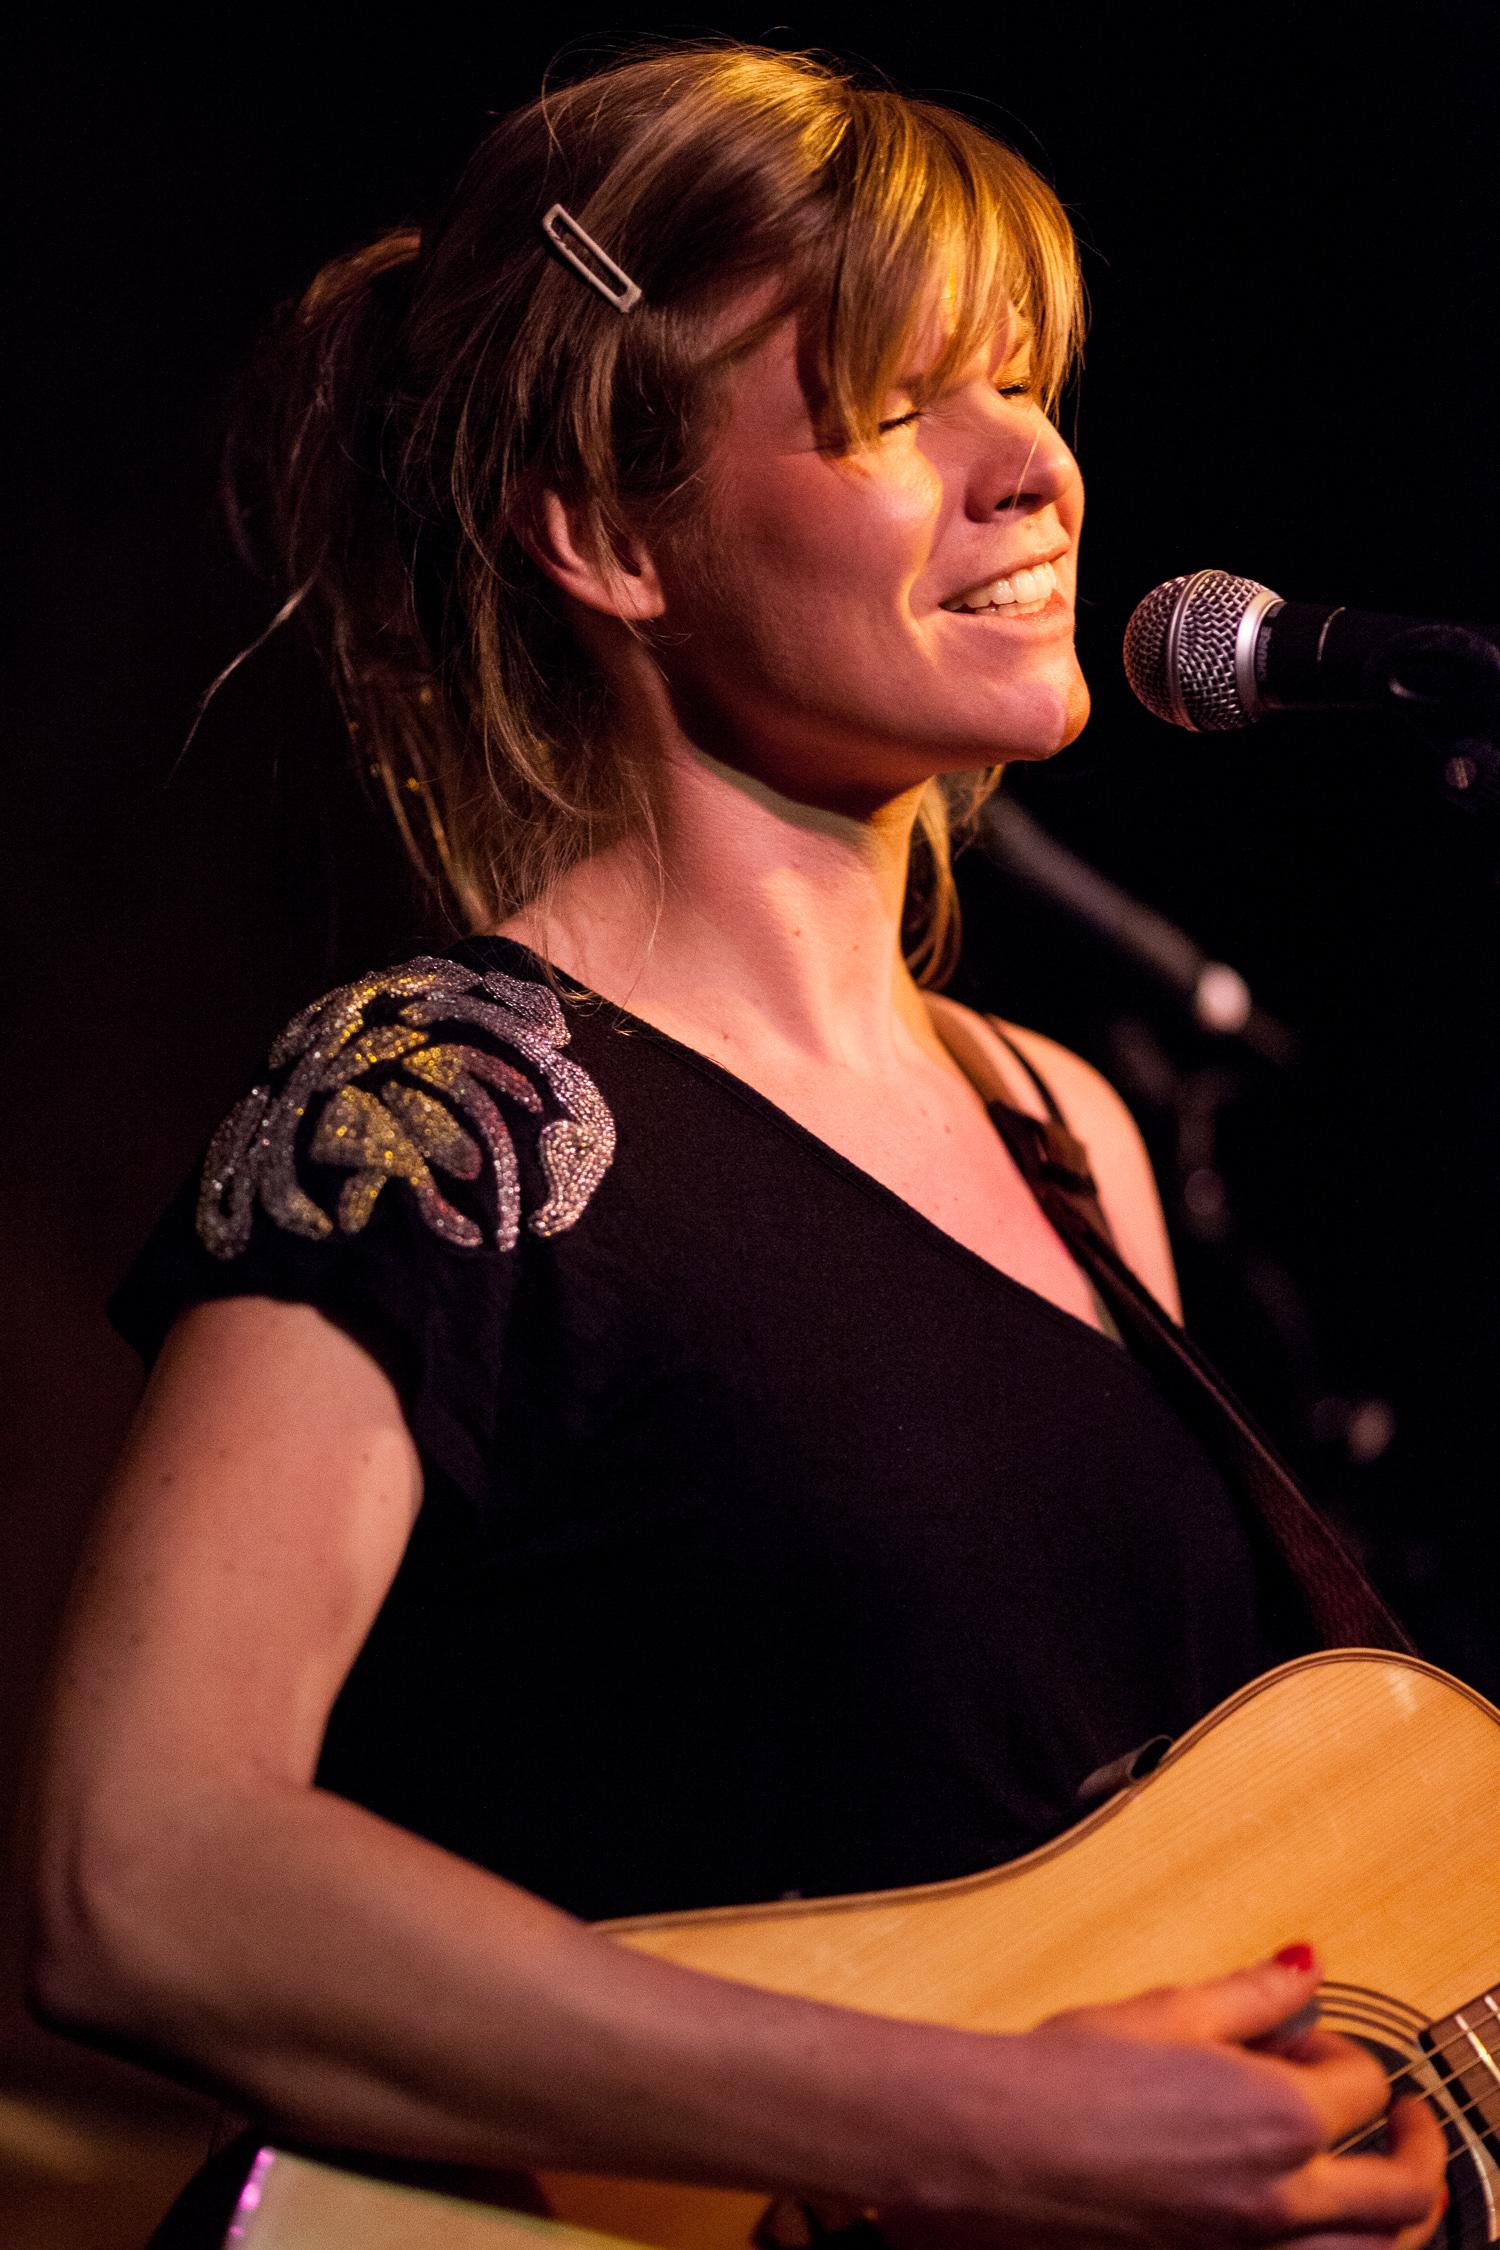 Suzanne Ypma